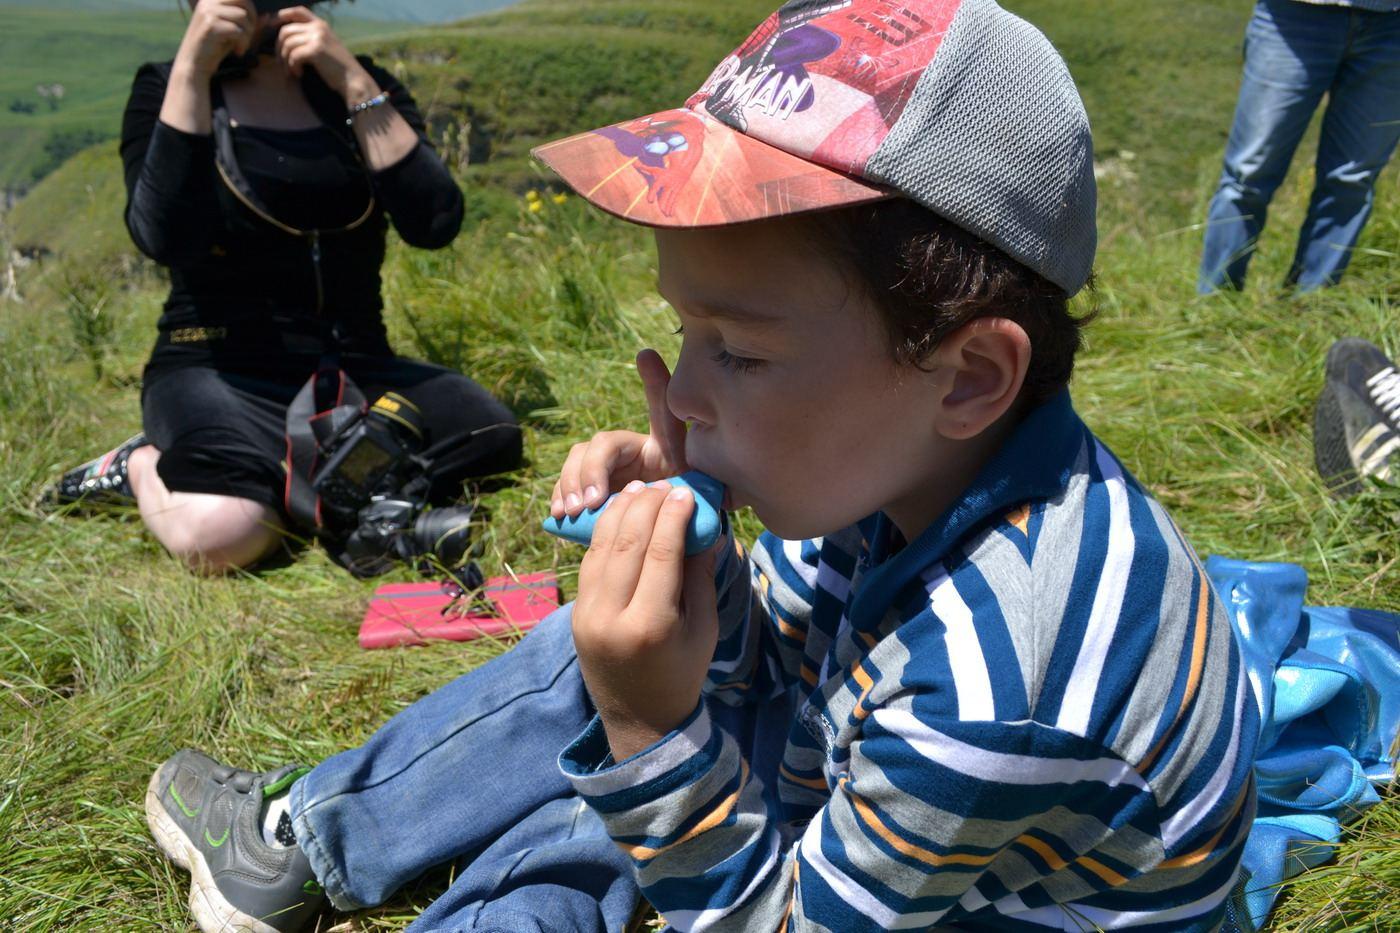 чеченский мальчик ибрагим, пробует играть на окарине